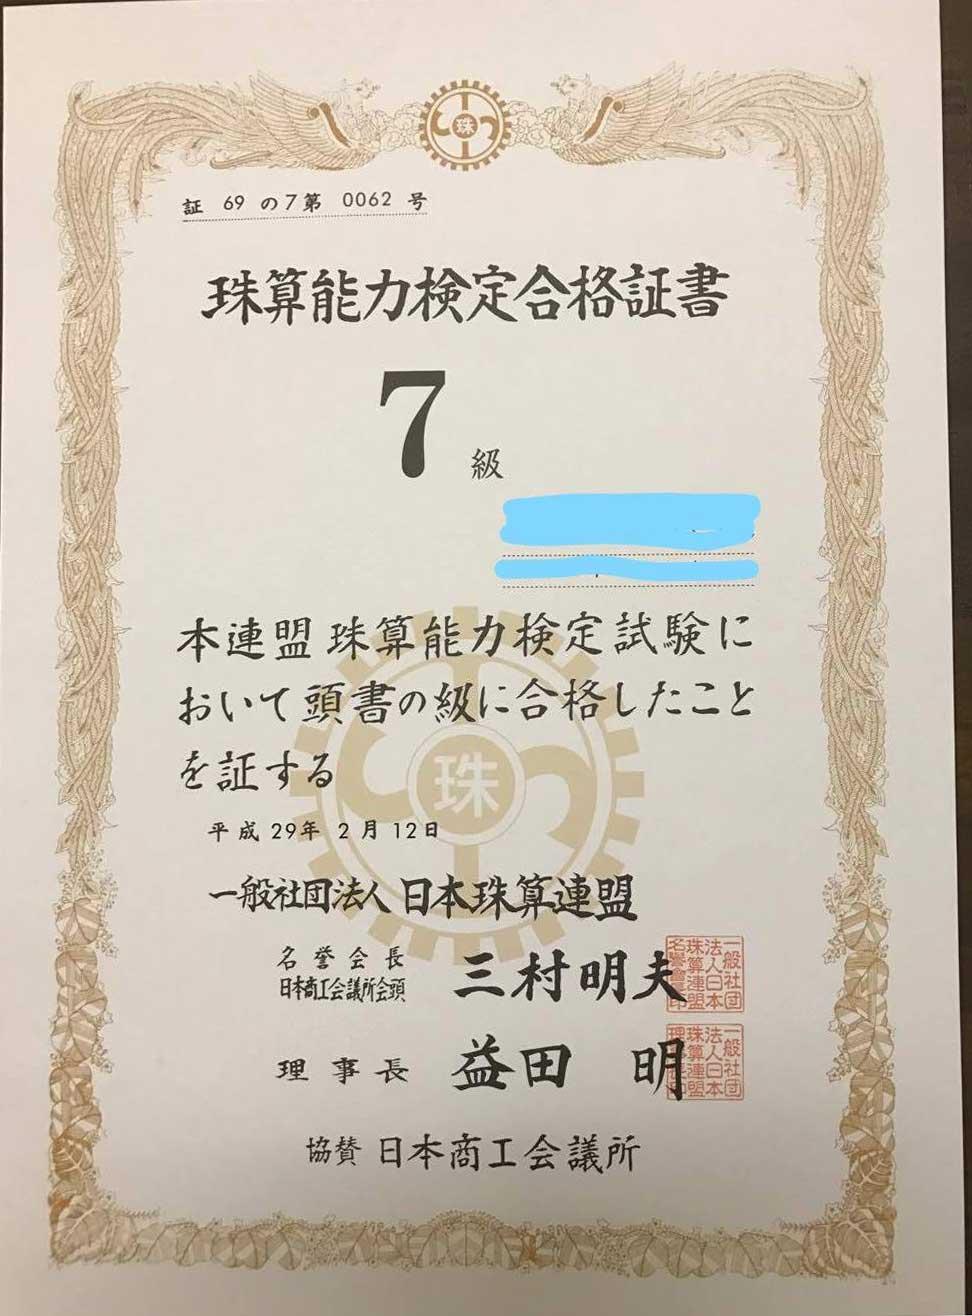 珠算能力検定合格 7級